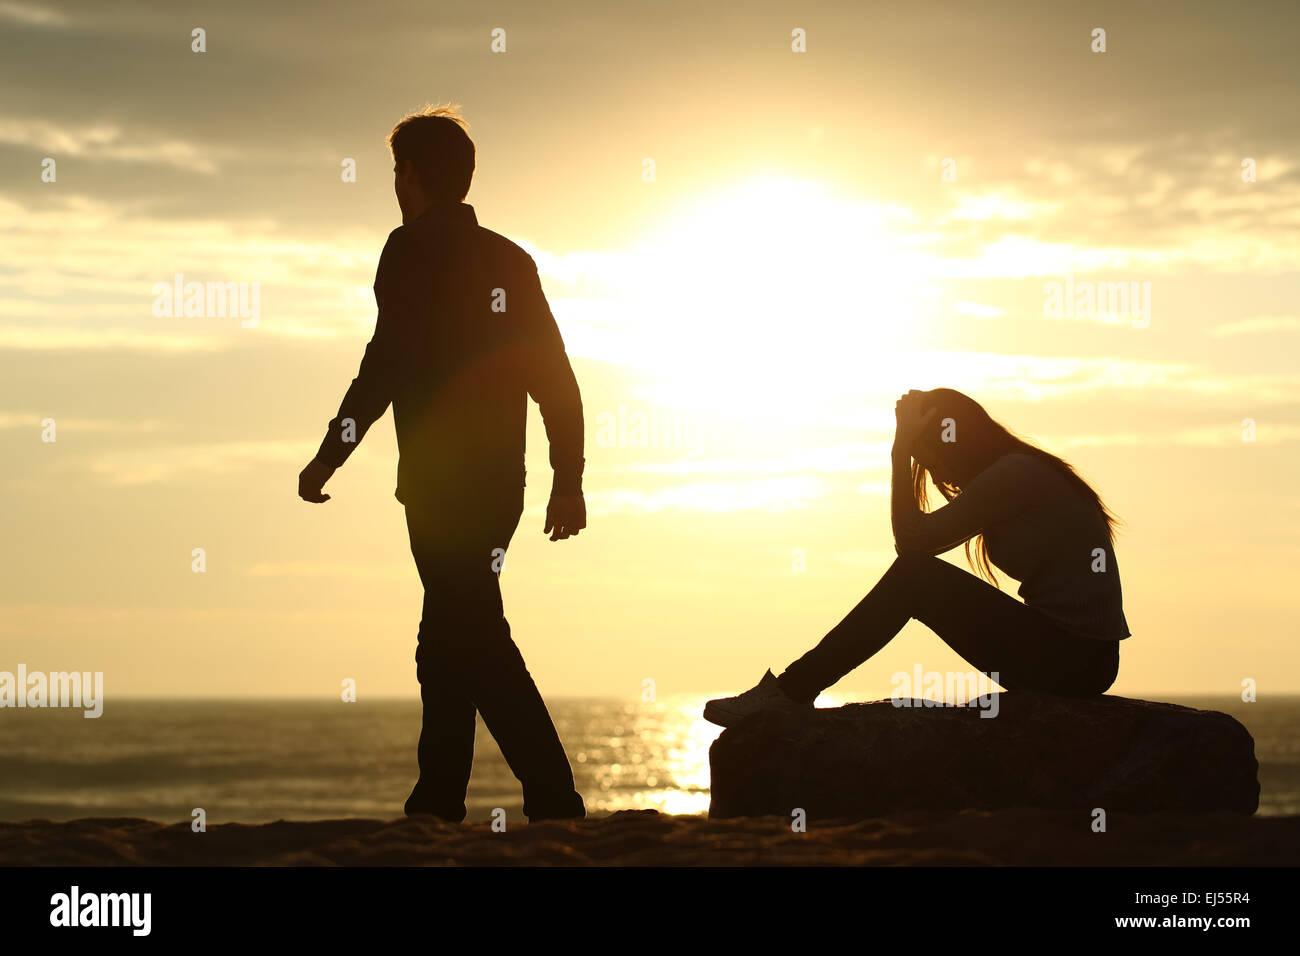 Pareja silueta romper una relación en la playa en el atardecer. Imagen De Stock